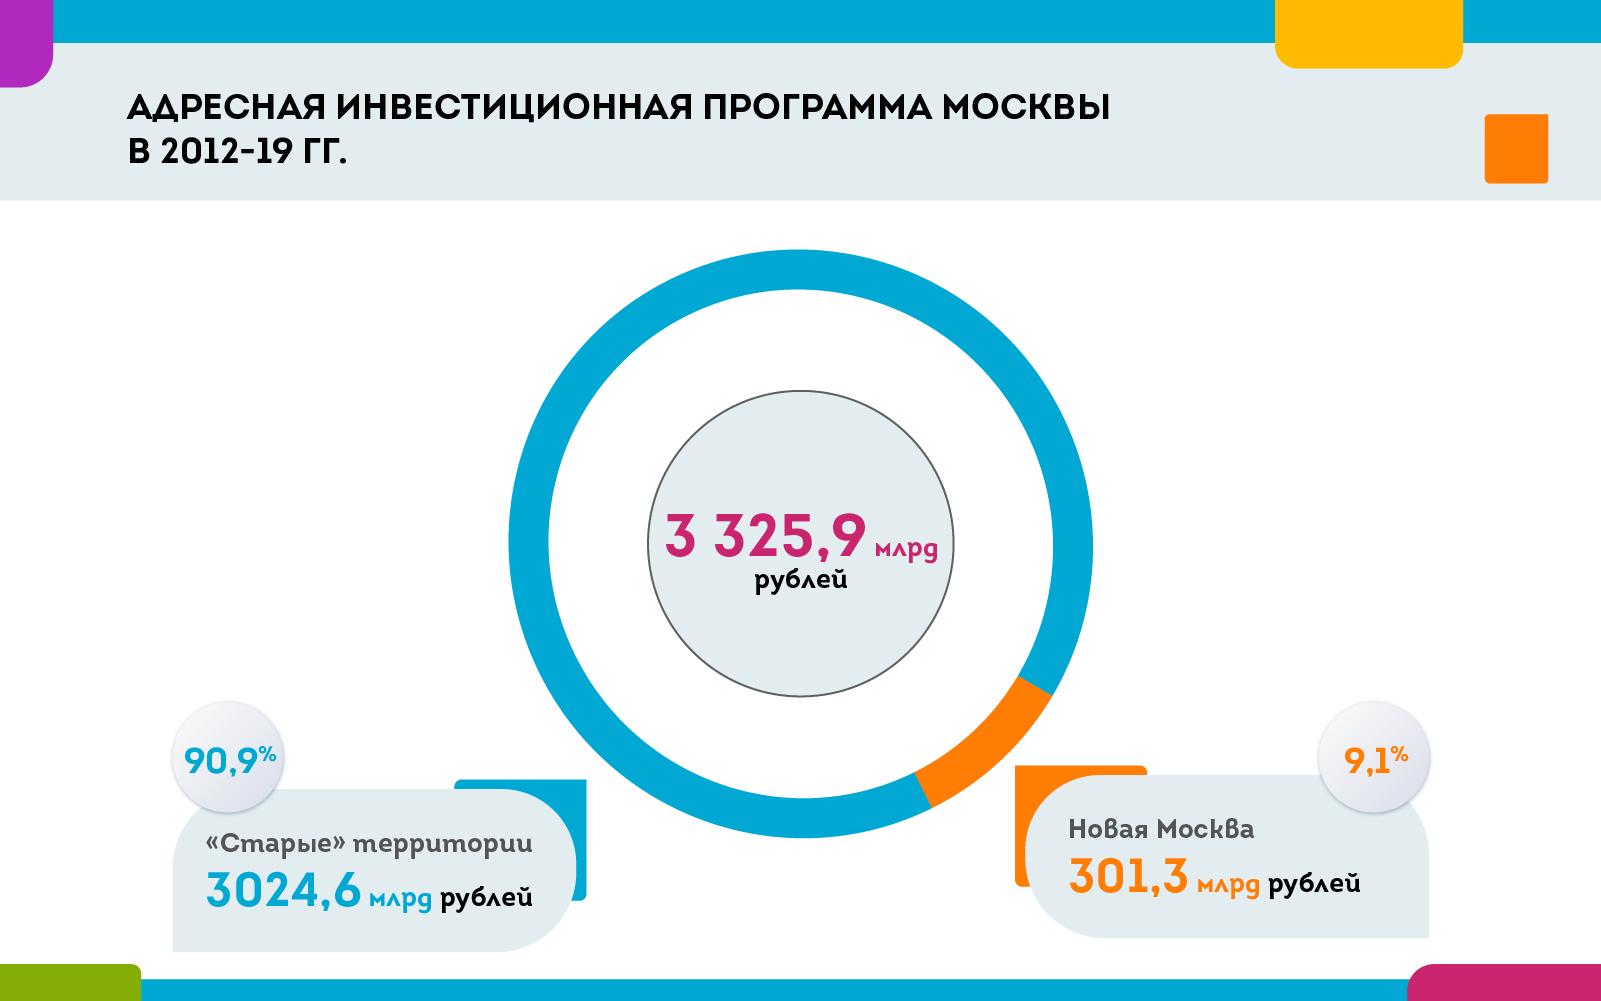 cdn.sobyanin.ru/static/img/010720-web-001011.jpg